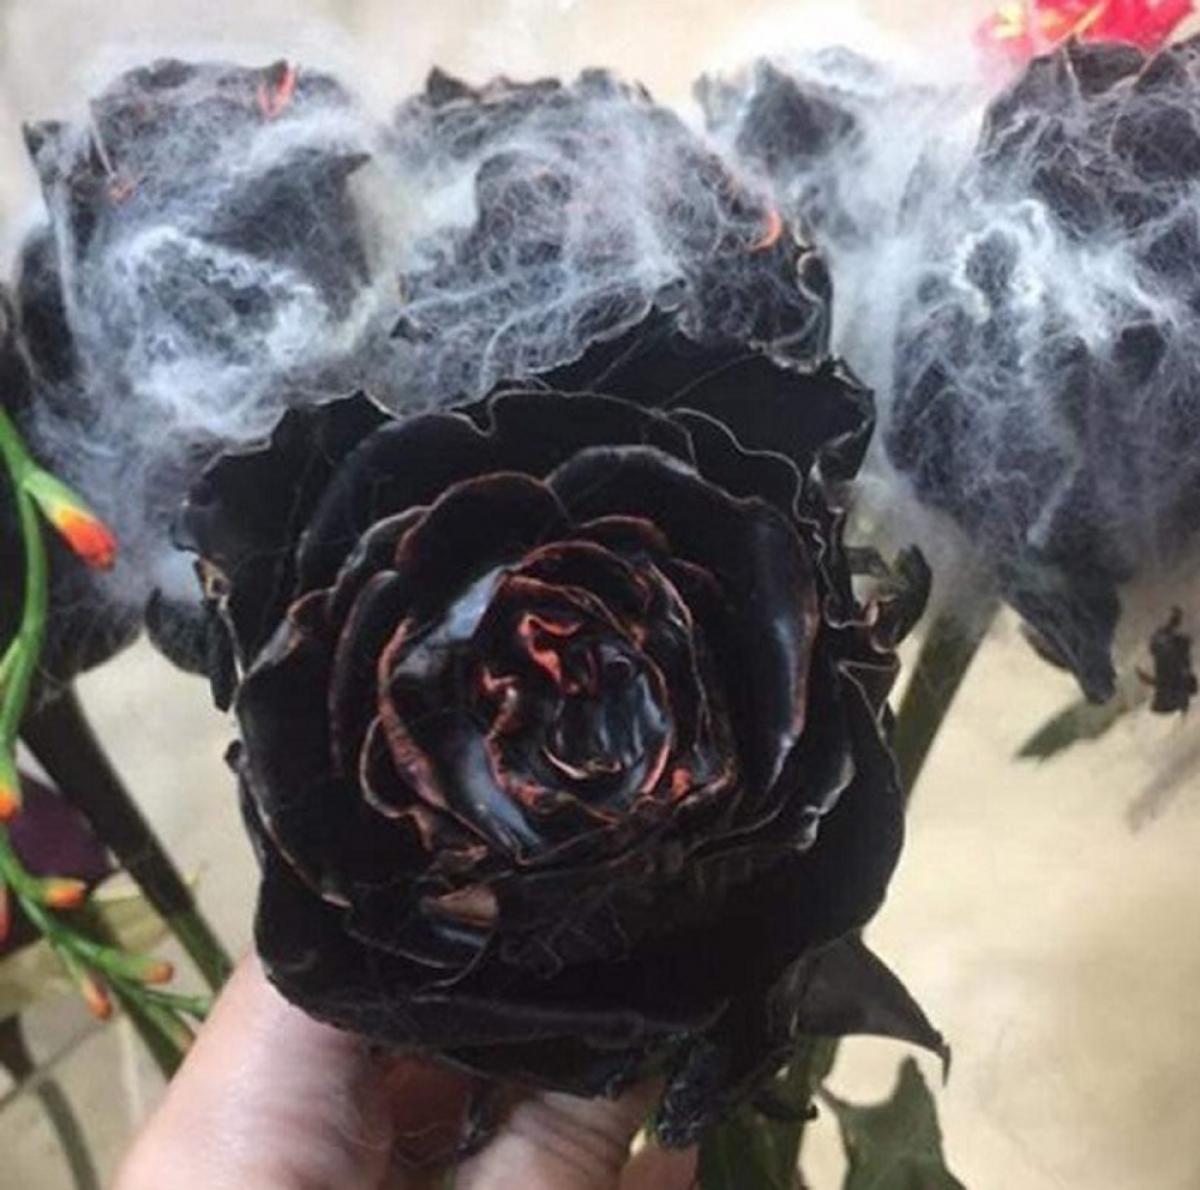 Hồng phủ sô-cô-la đen khoảng 500.000 đồng/bông, mỗi bó 10 bông dao động từ 5 – 10 triệu/bó. (Ảnh: Dân Việt)